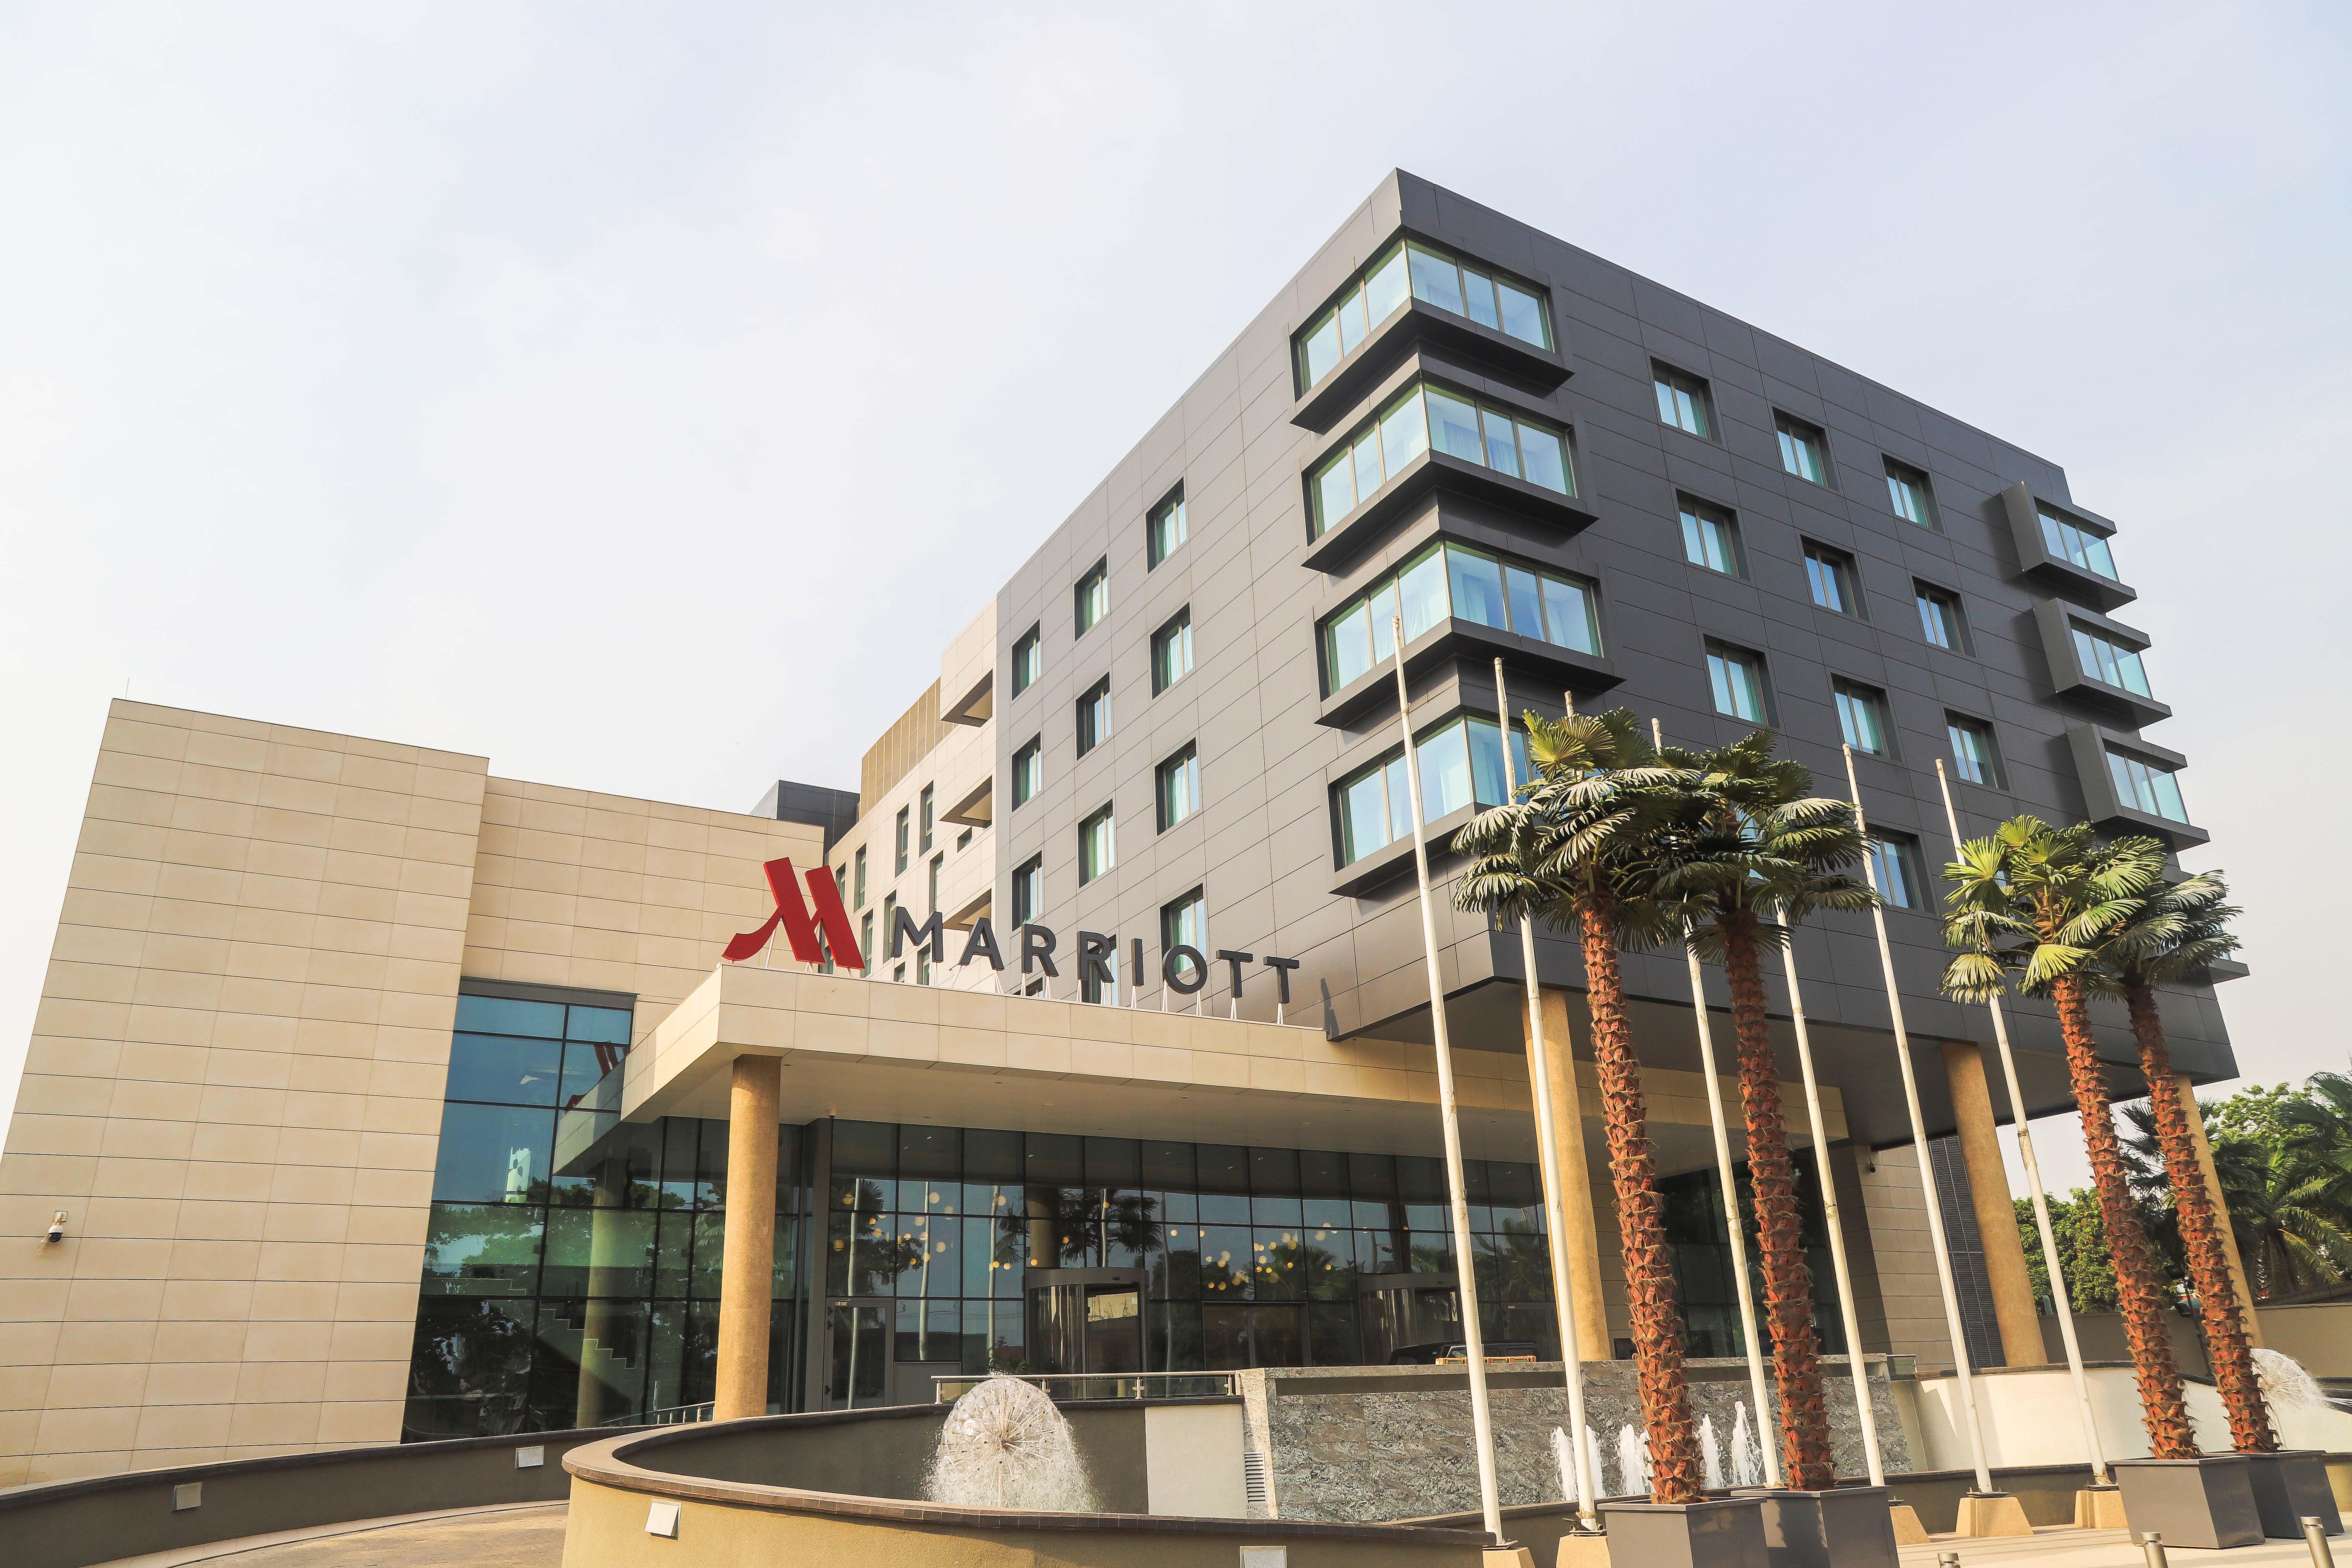 Marriott Hotels Debuts in Nigeria With Opening of Lagos Marriott Hotel Ikeja